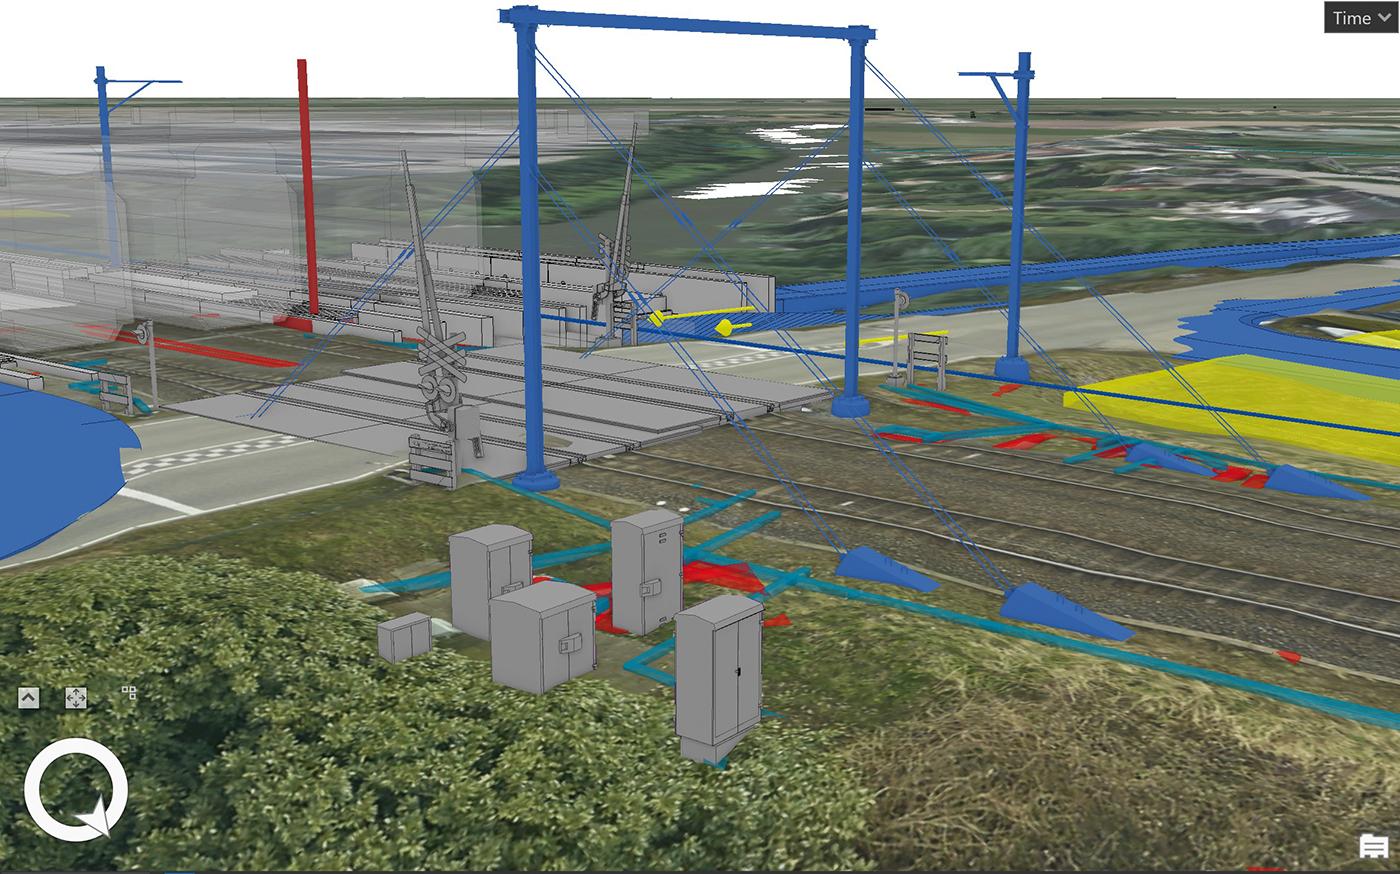 De ontwikkeling van BIM en GIS bij ingenieursbureaus